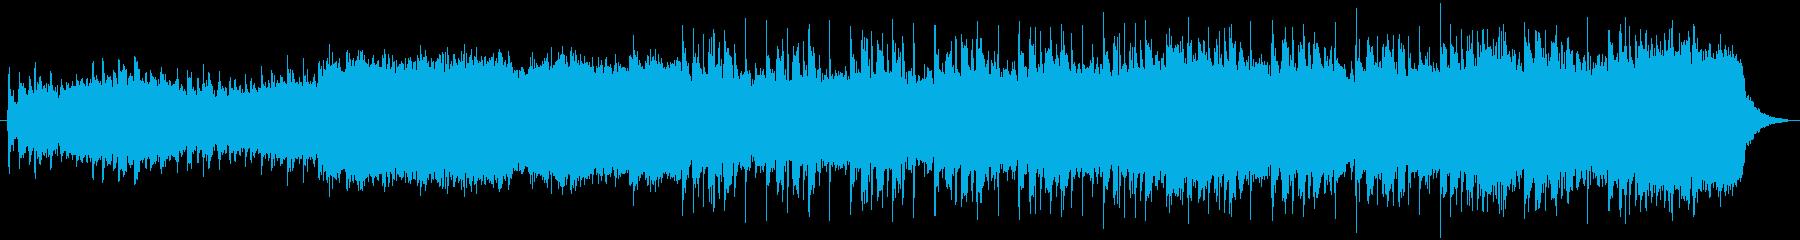 シンフォニックエレクトロニカ。壮大...の再生済みの波形